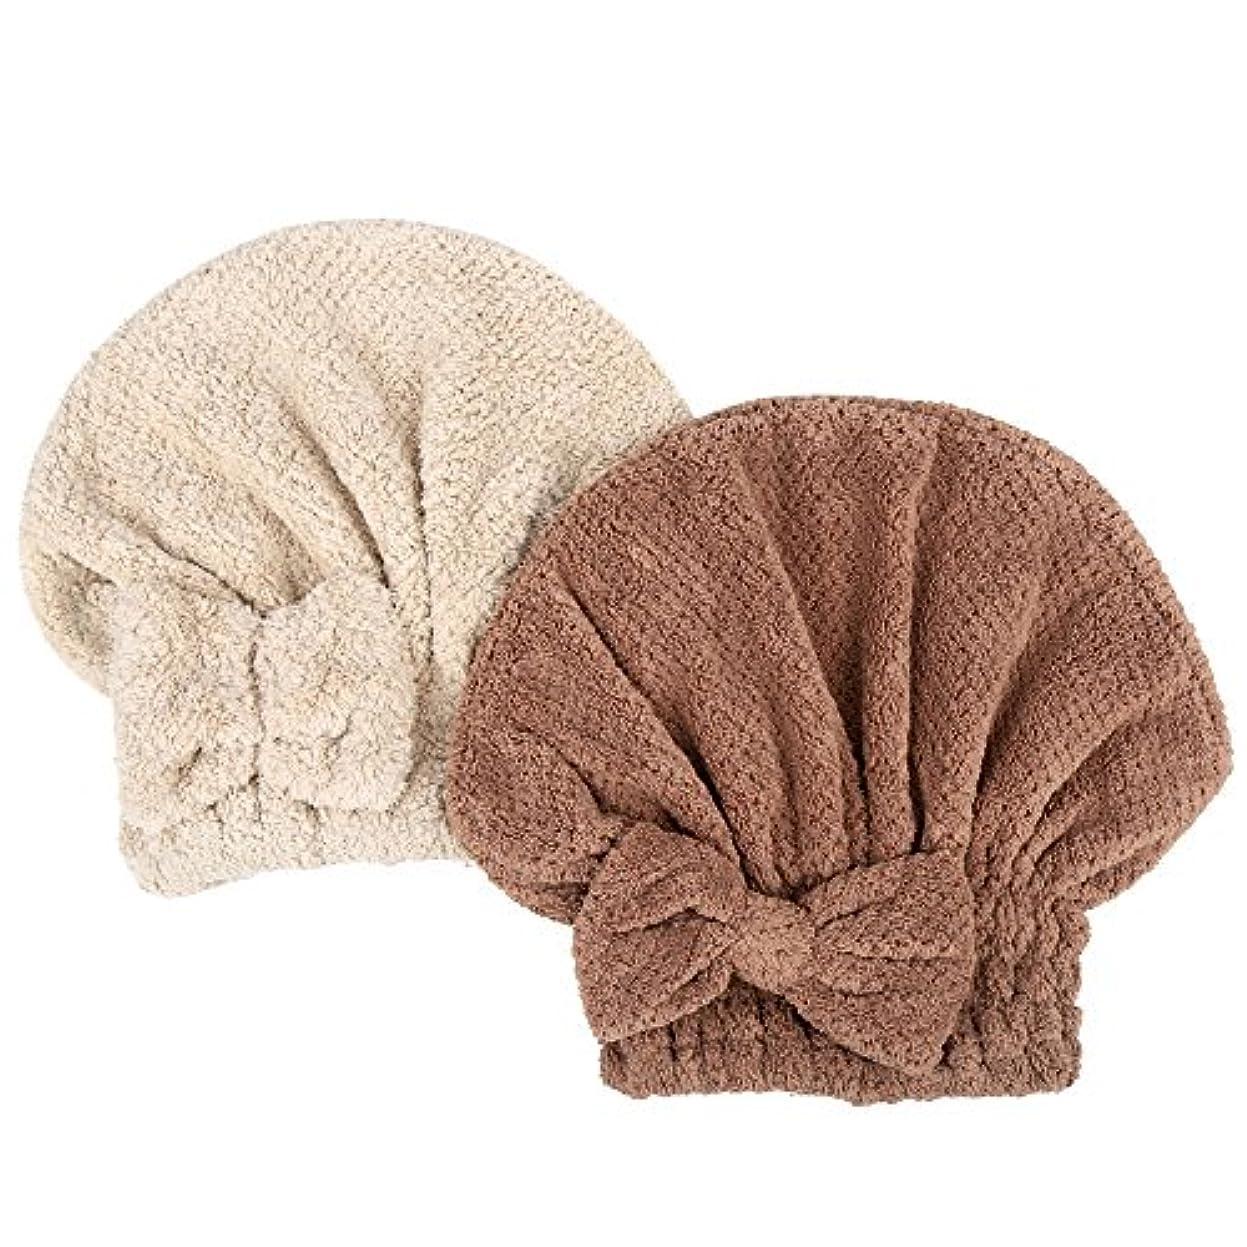 毒液ガジュマルすみませんKISENG タオルキャップ 2枚セット ヘアドライタオル 短髪の人向き ヘアキャップ 吸水タオル 速乾 ふわふわ お風呂 バス用品 (ベージュ+コーヒー)